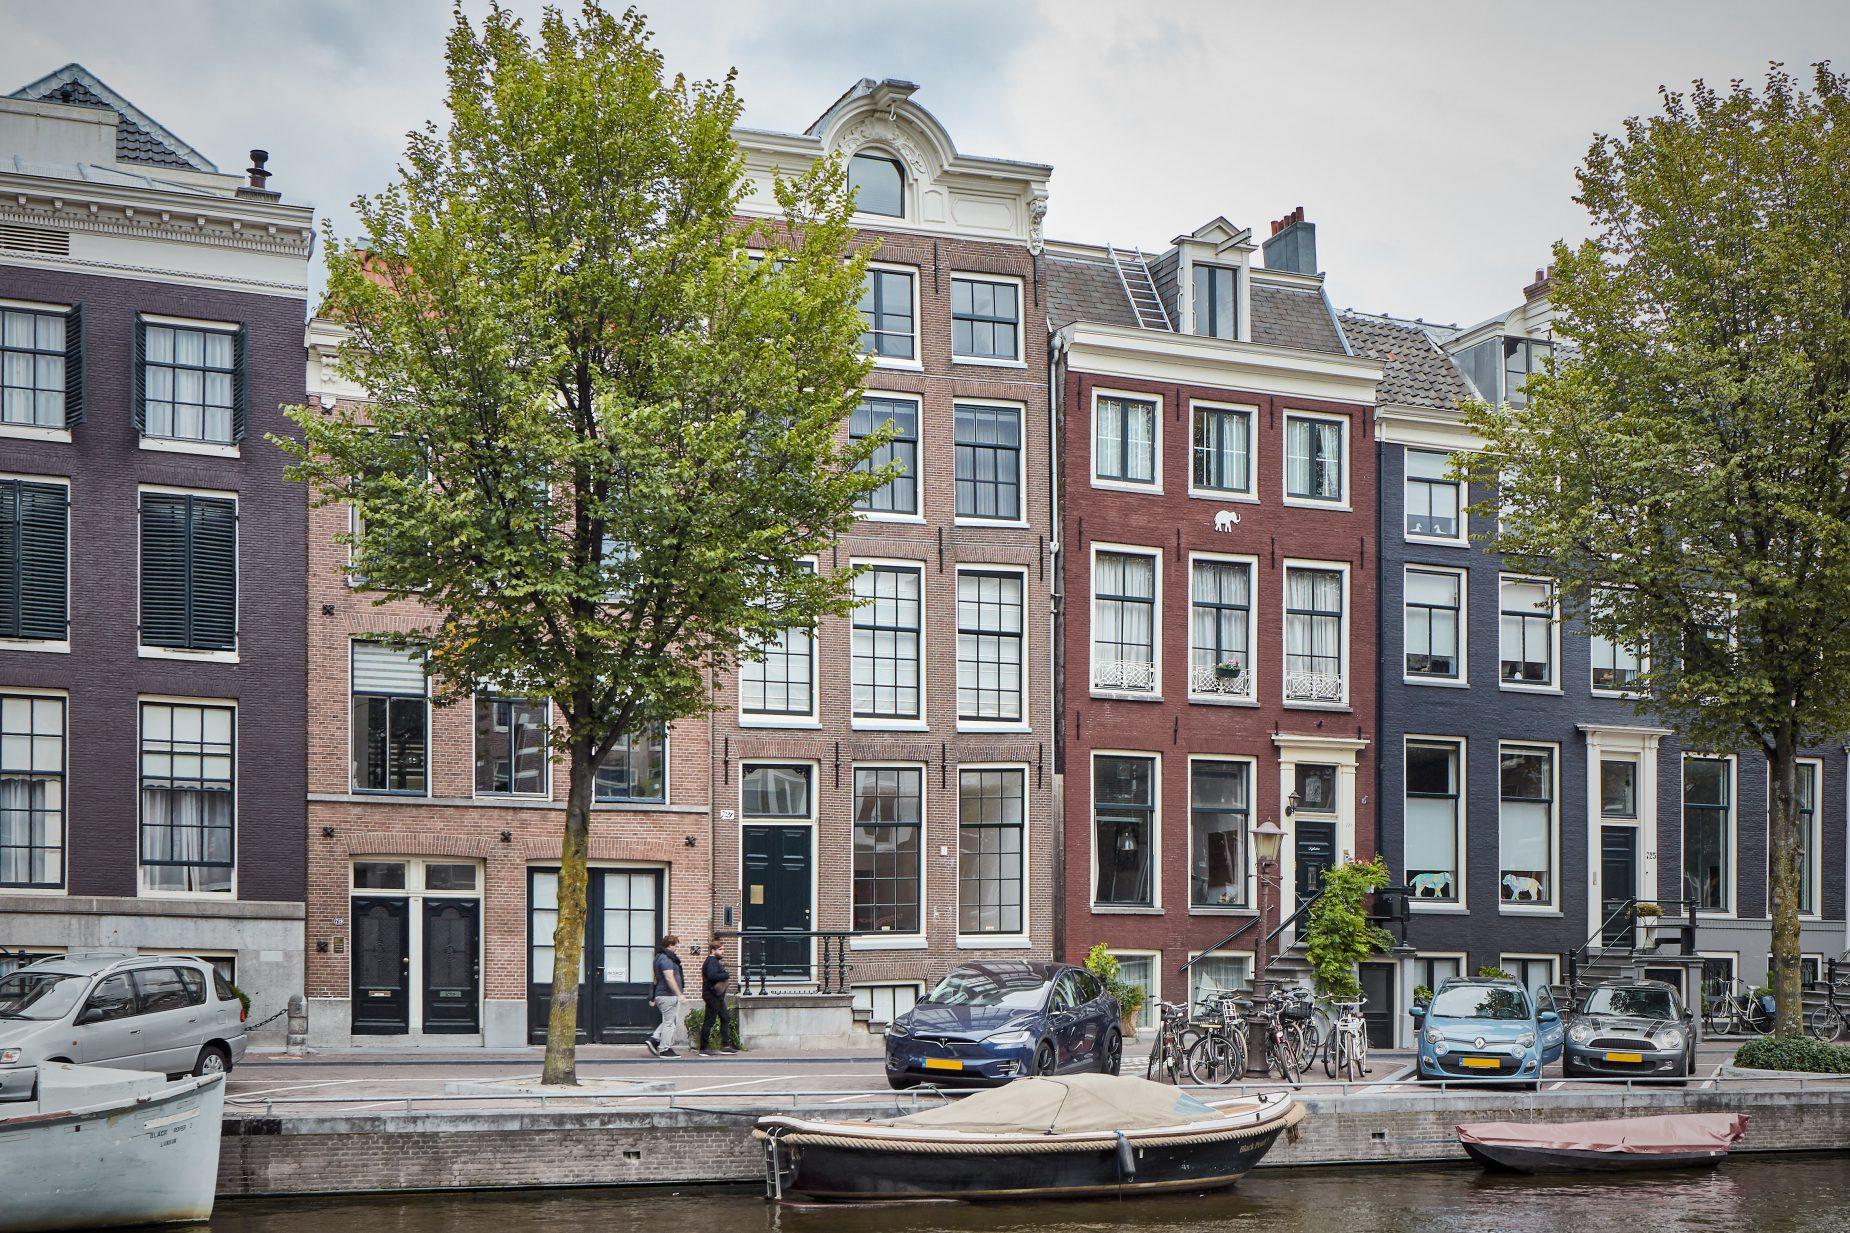 Interieurarchitect voor monument grachtenpand in centrum van Amsterdam door architect Maxim Winkelaar.